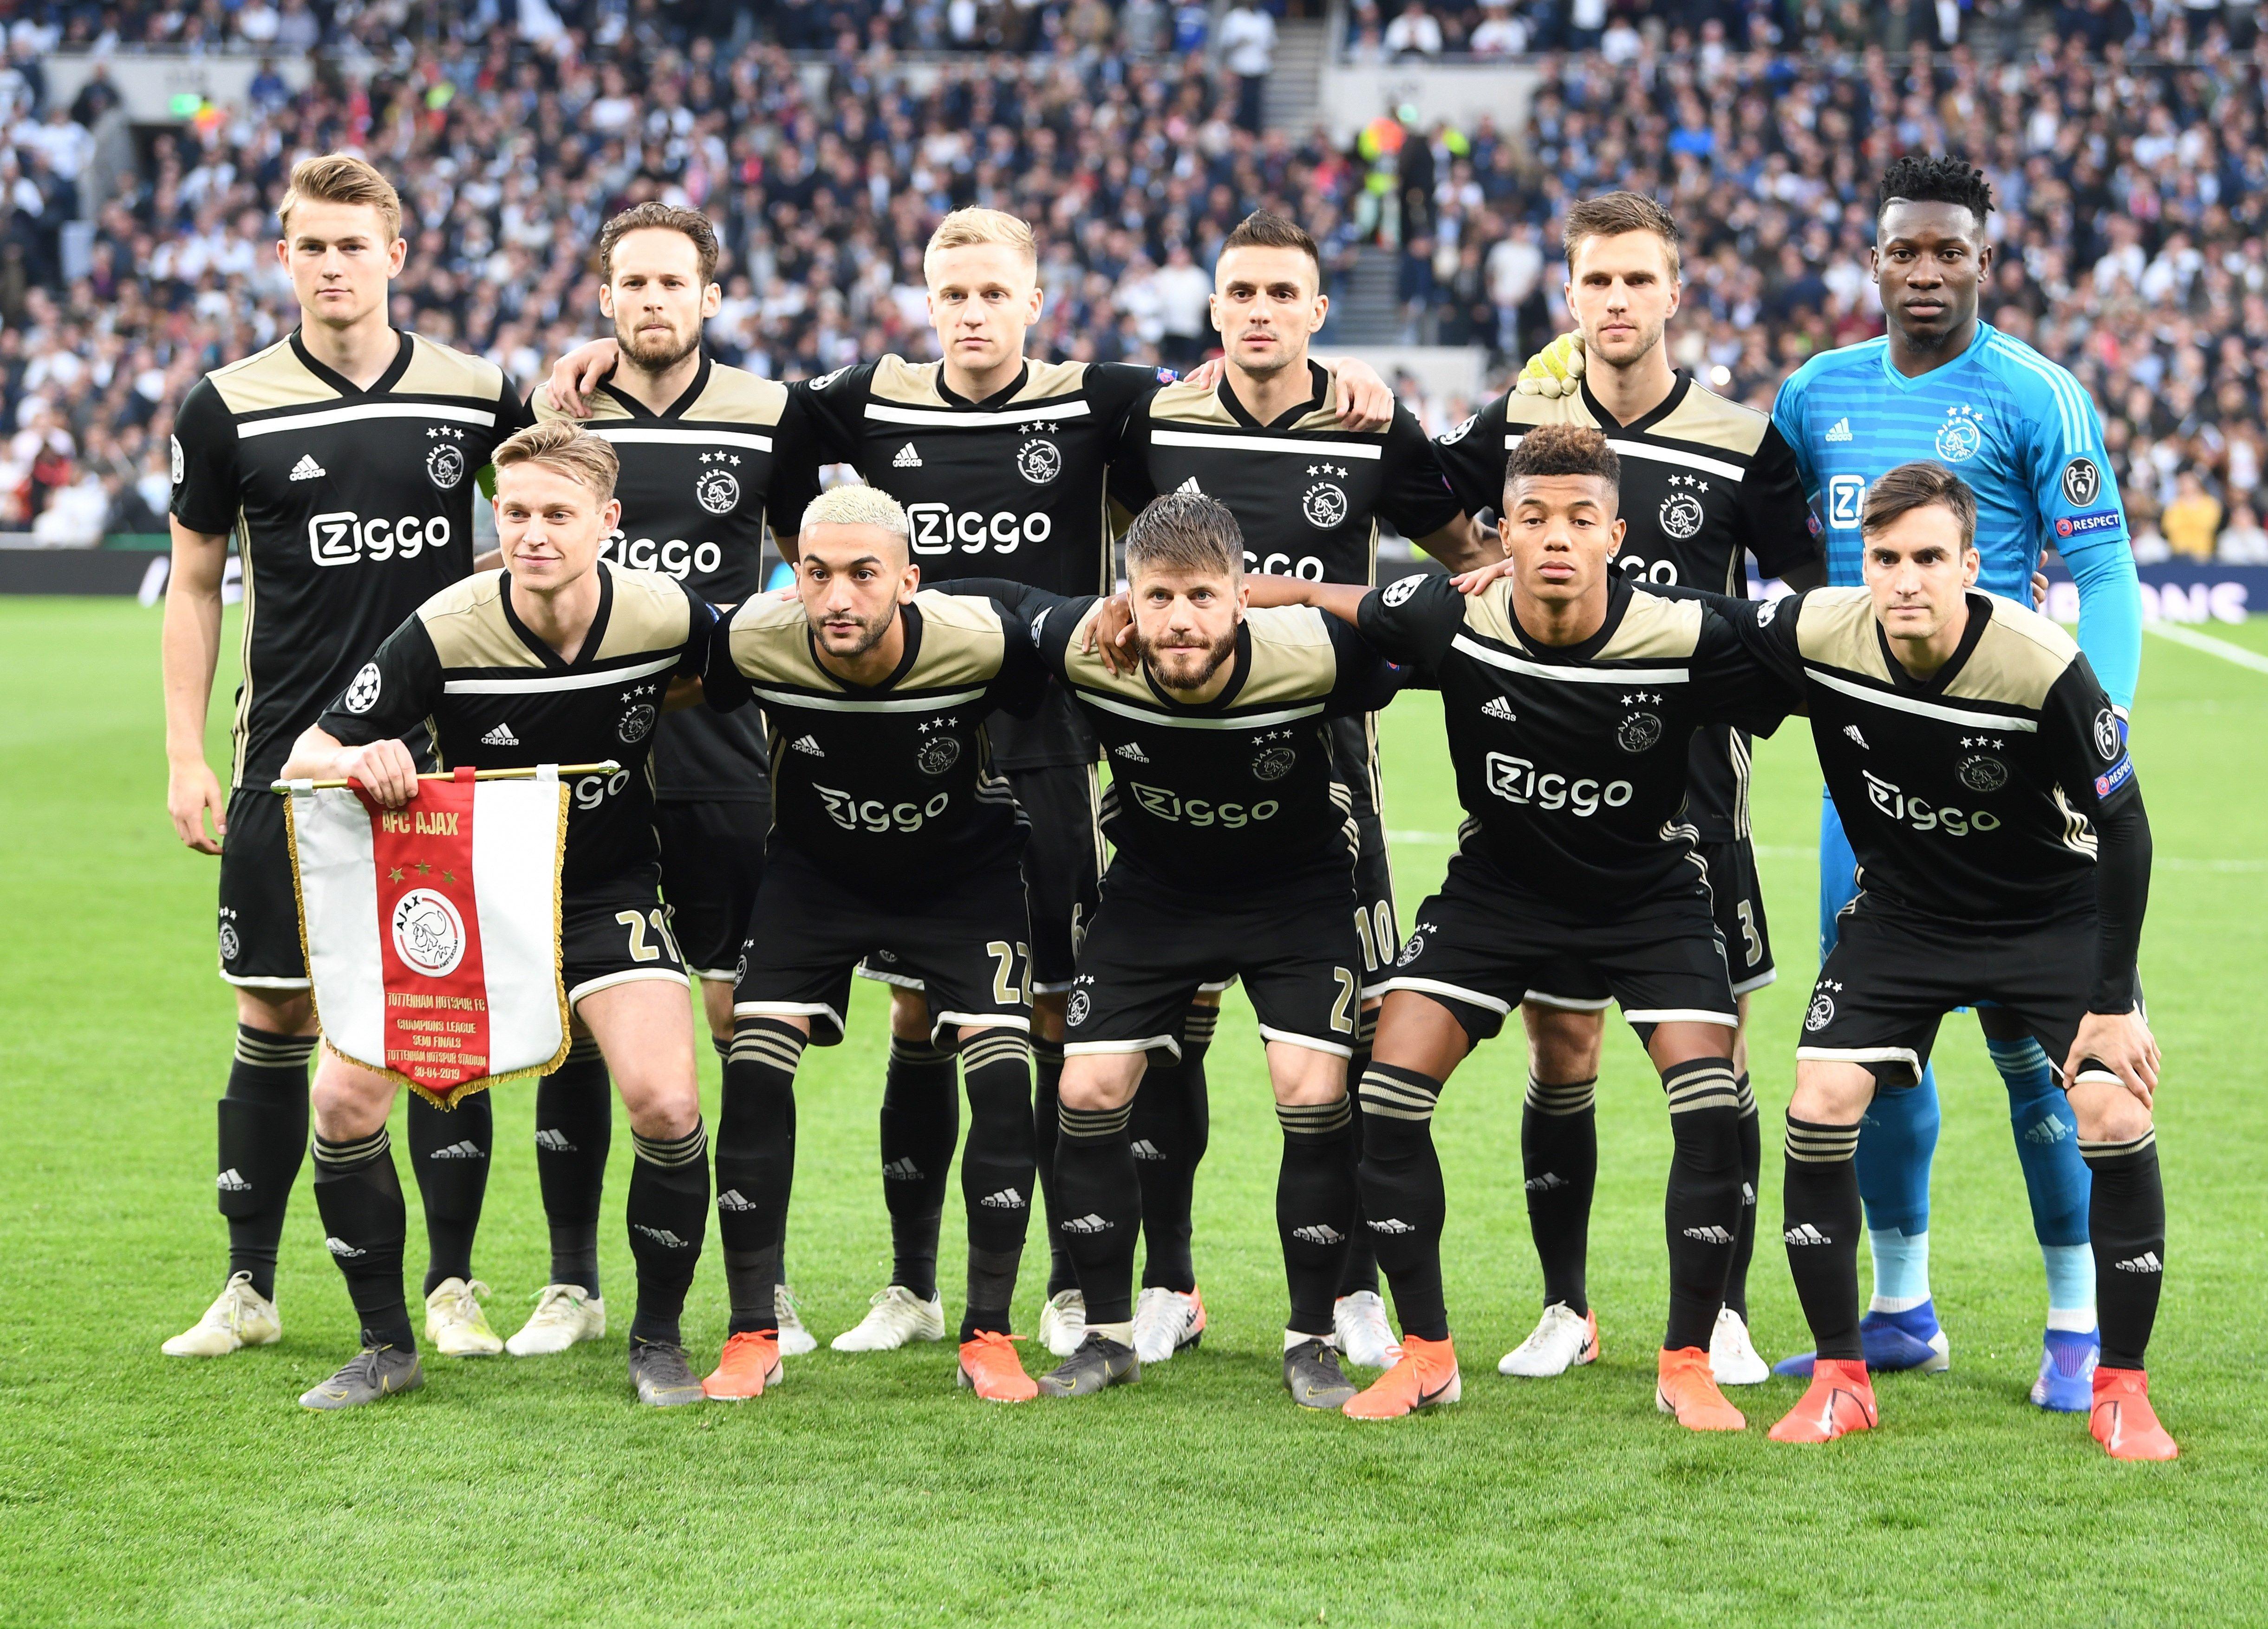 4d662fa8a Jogadores do Ajax posados antes de jogo contra o Tottenham